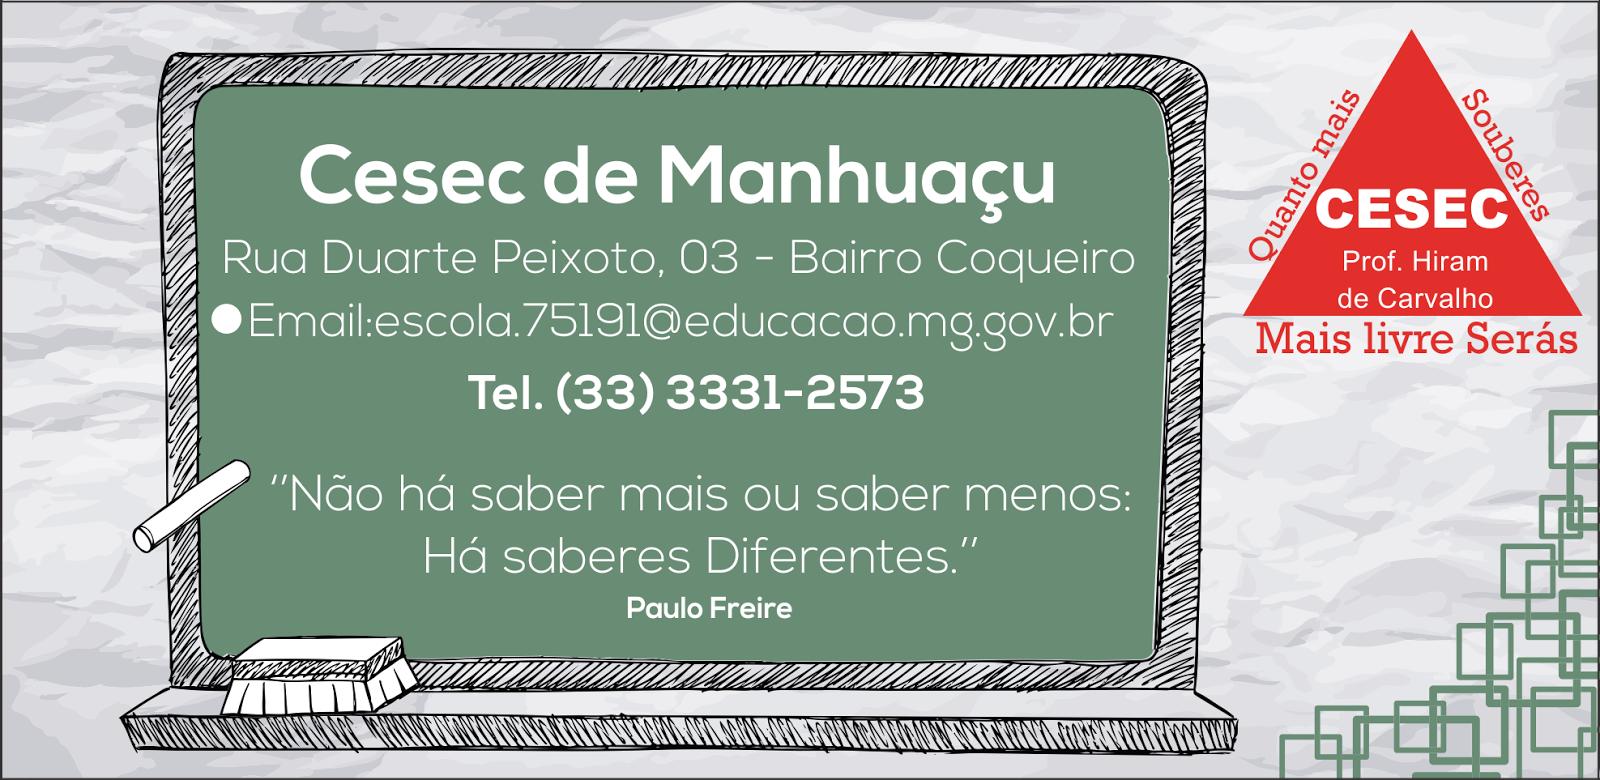 Cesec de Manhuaçu